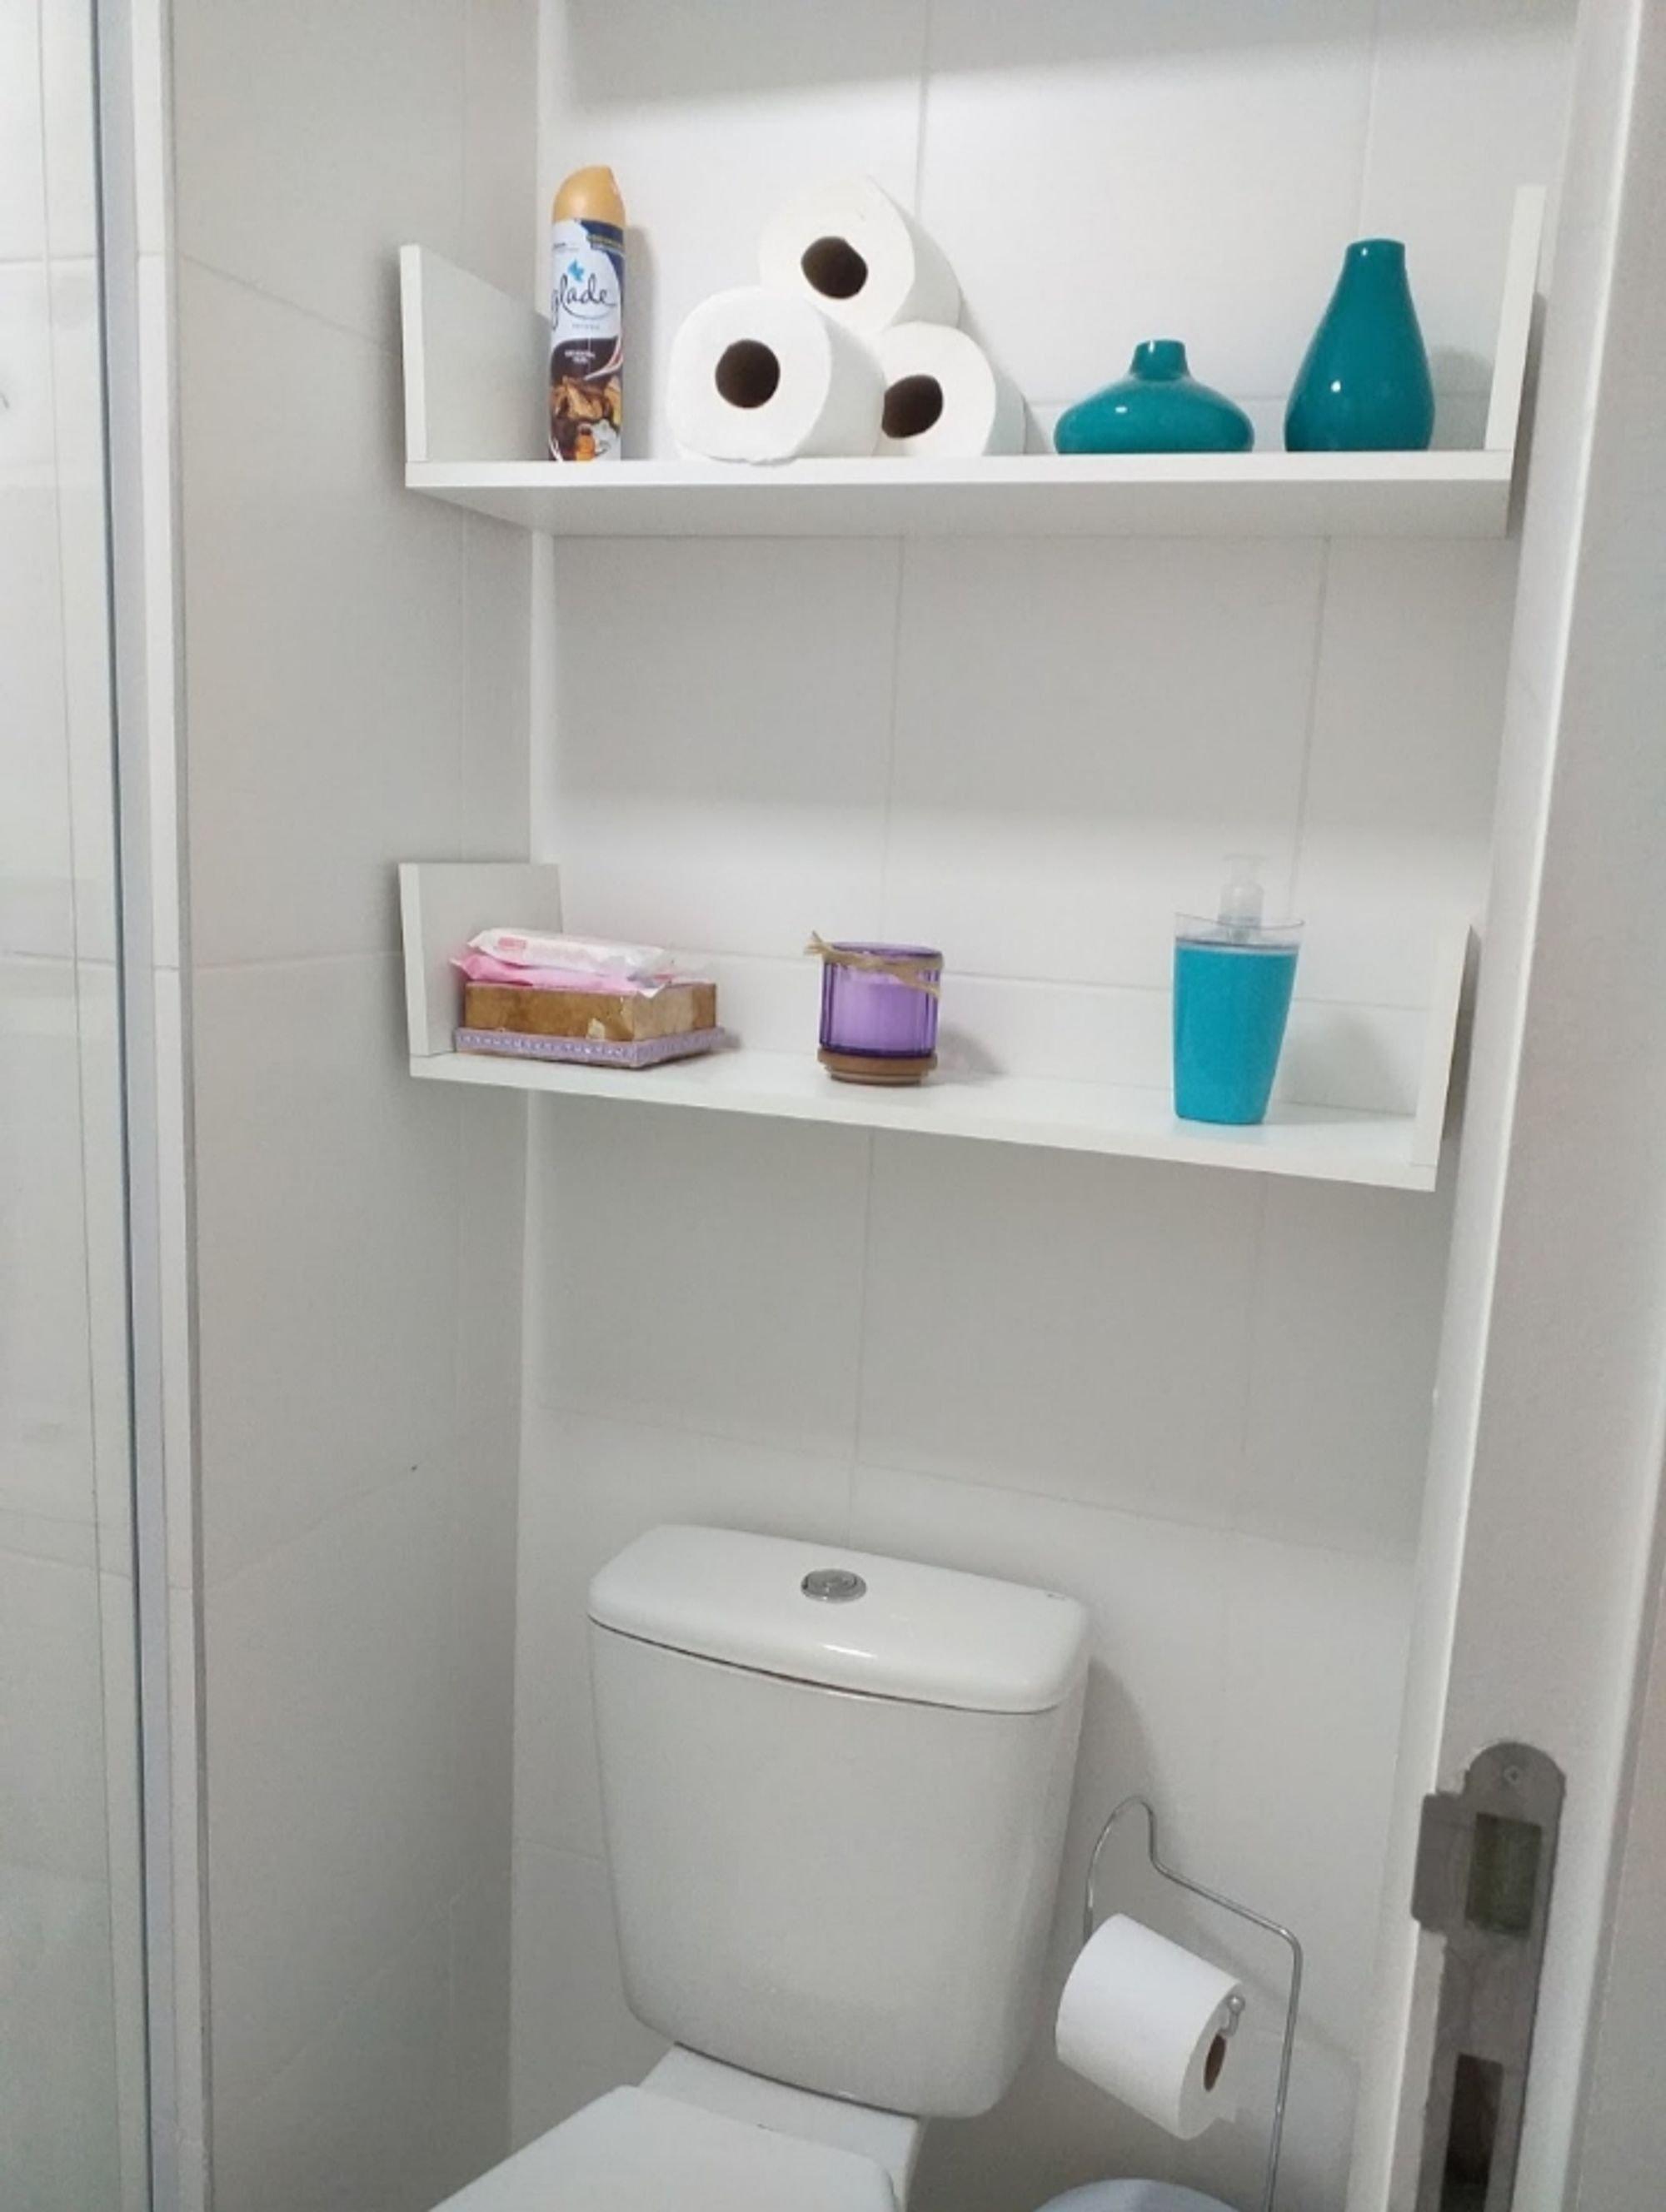 Foto de Banheiro com vaso sanitário, vaso, xícara